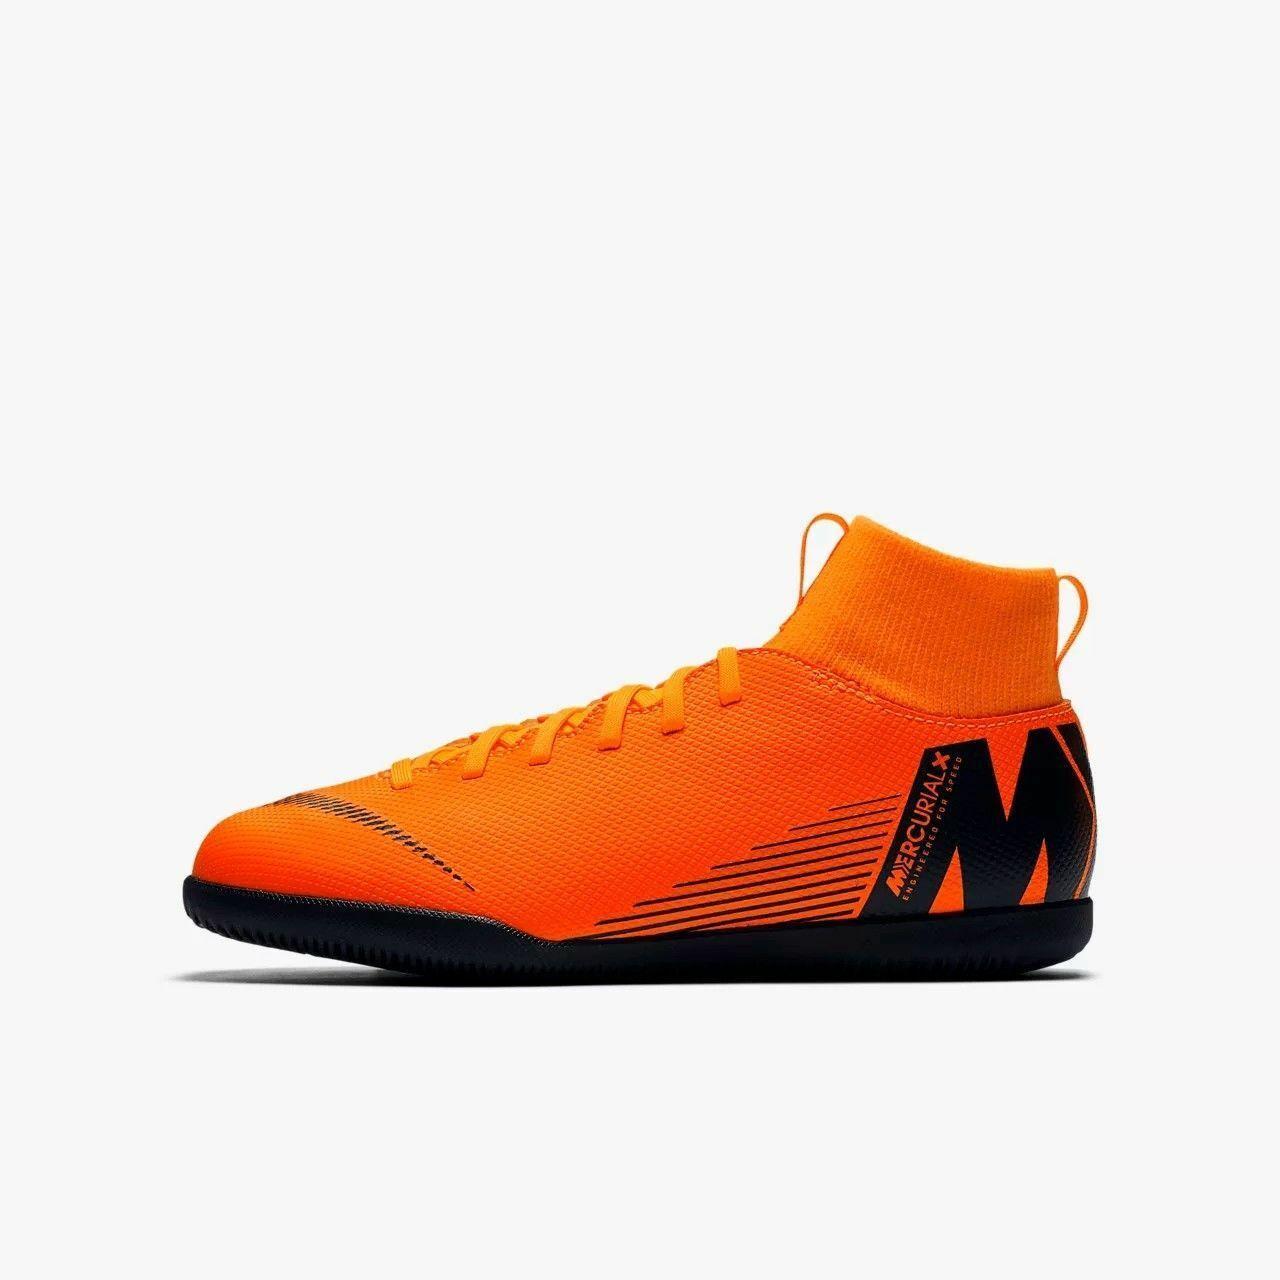 Детские футзалки Nike Mercurial SuperflyX 6 IC Оригинал  AH7346-810